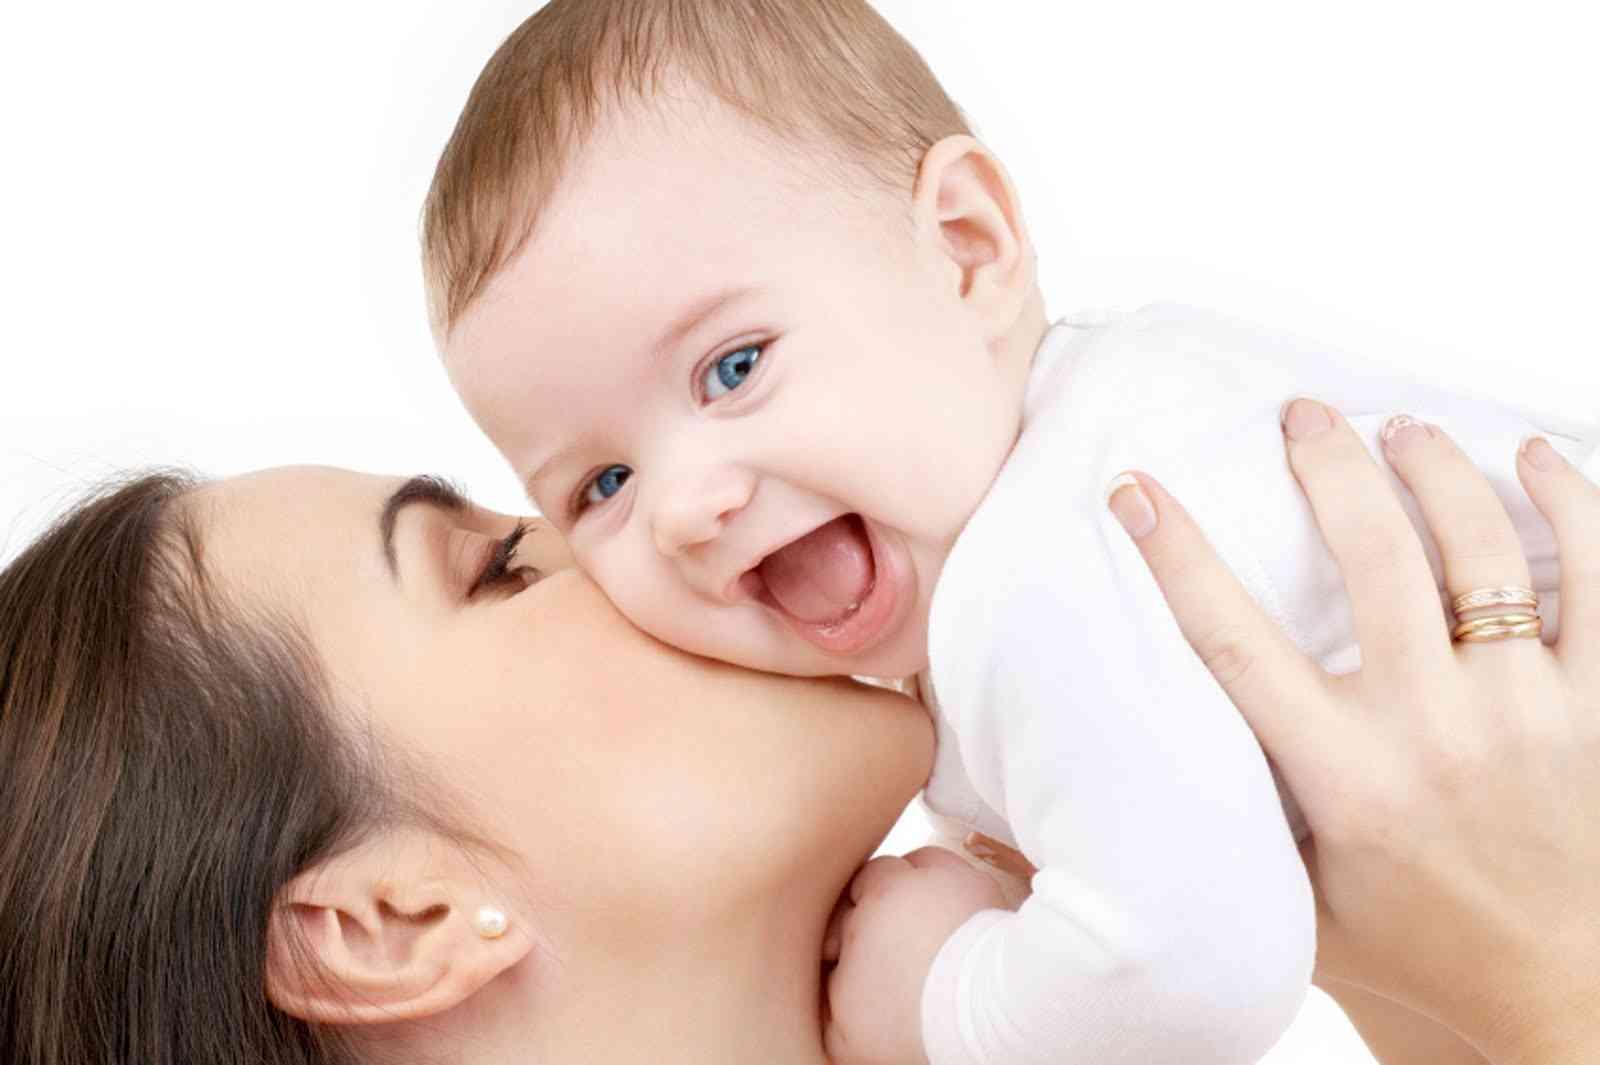 赤ちゃんのウ○チから作ったソーセージが「体にもいいし、美味しい!」と話題